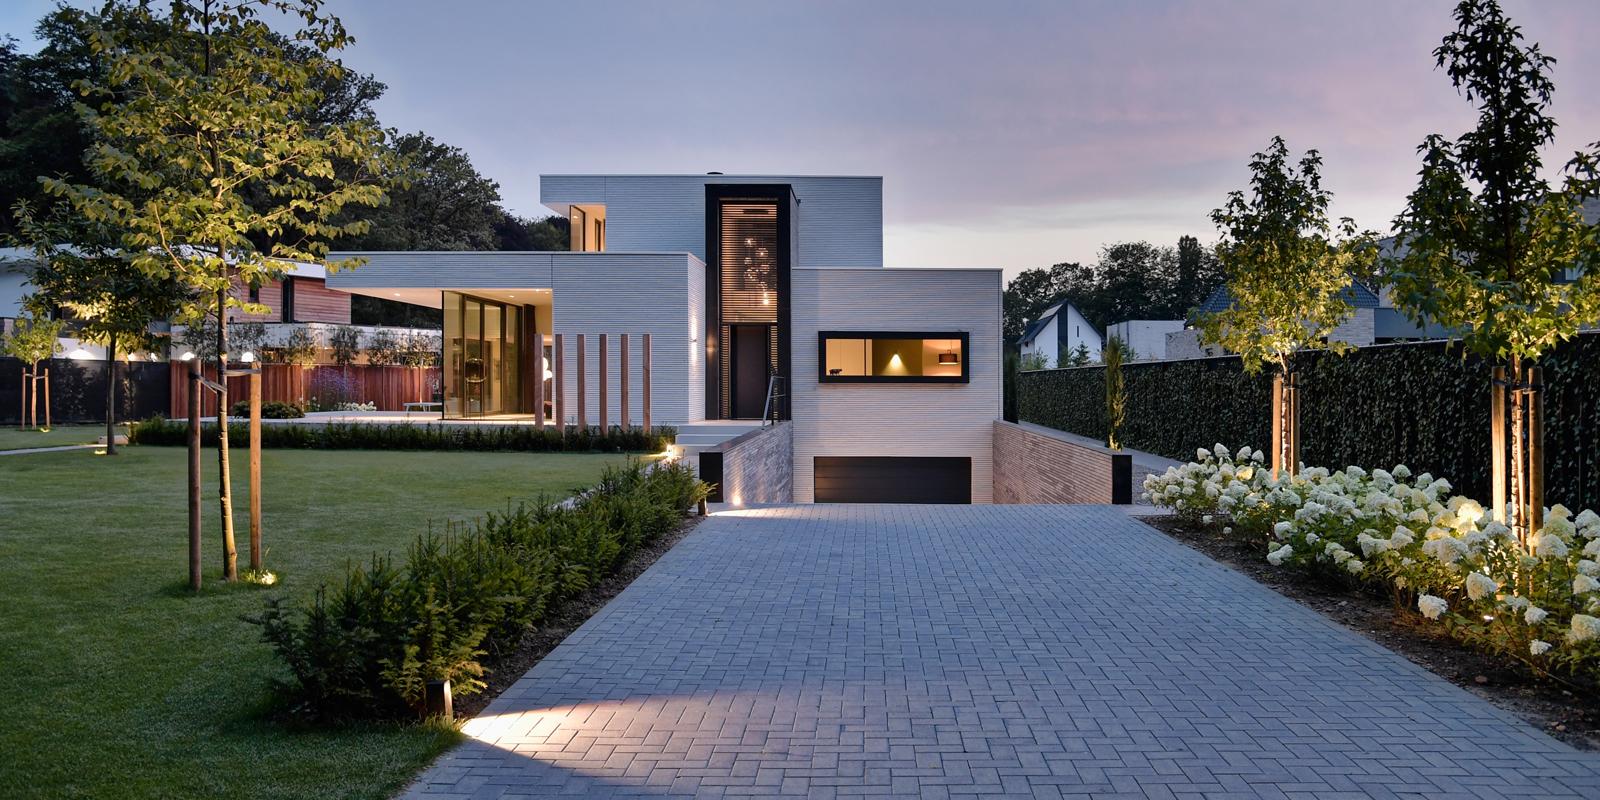 buitenverlichting, In-Lite Design, Frans van Roy, sfeerverlichting, tuinverlichting, tuindesign, zwembad,